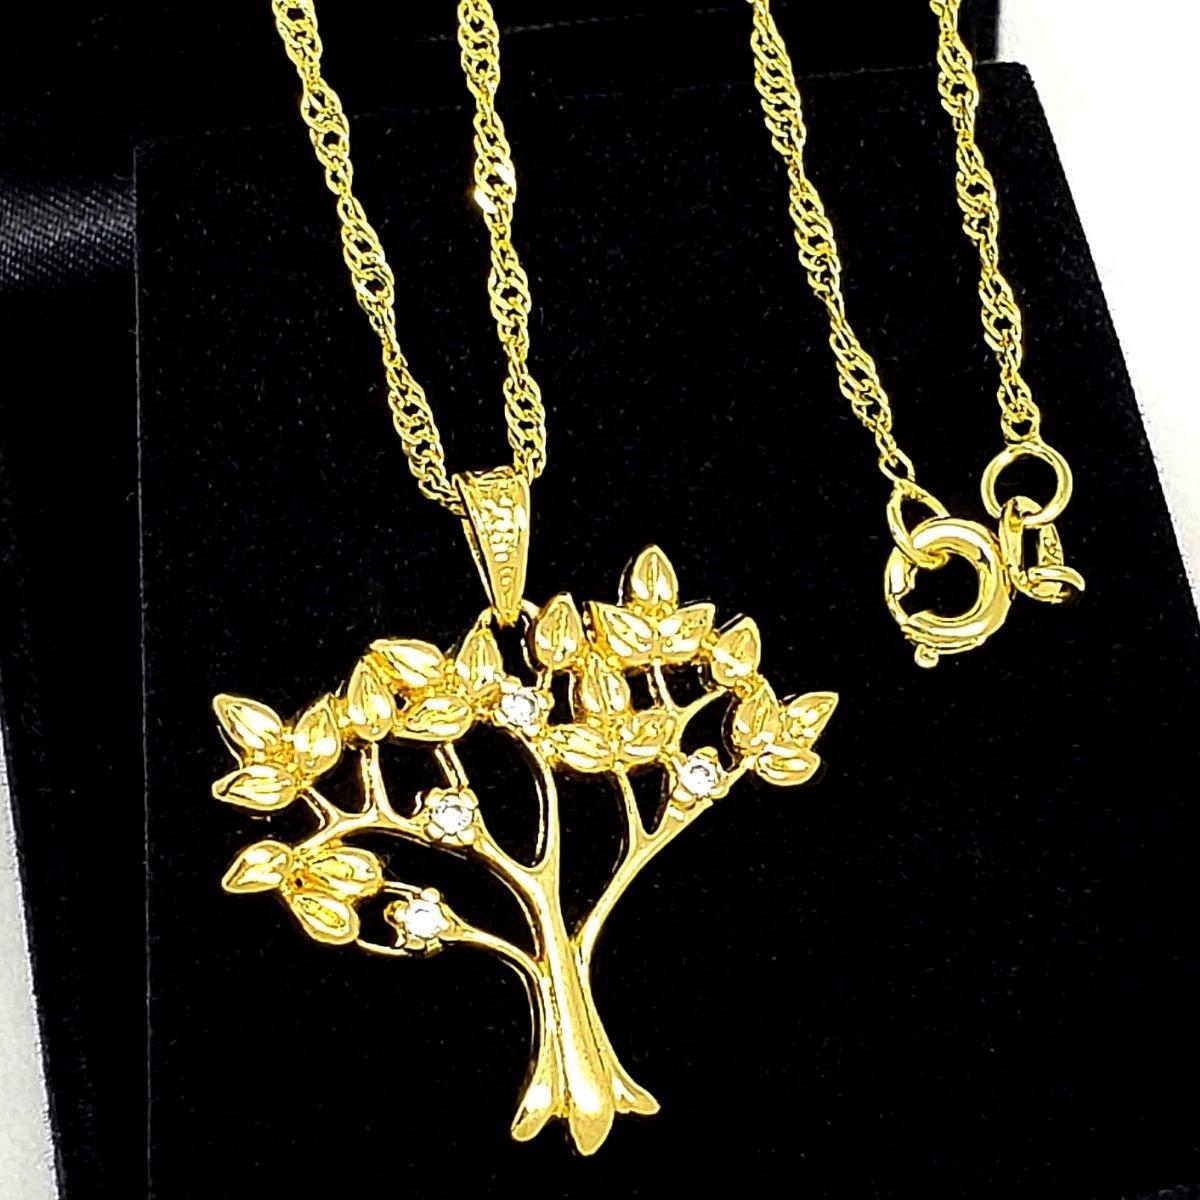 Colar Árvore Da Vida Com Cravejado De Zirconias Banho De Ouro 18k 1294